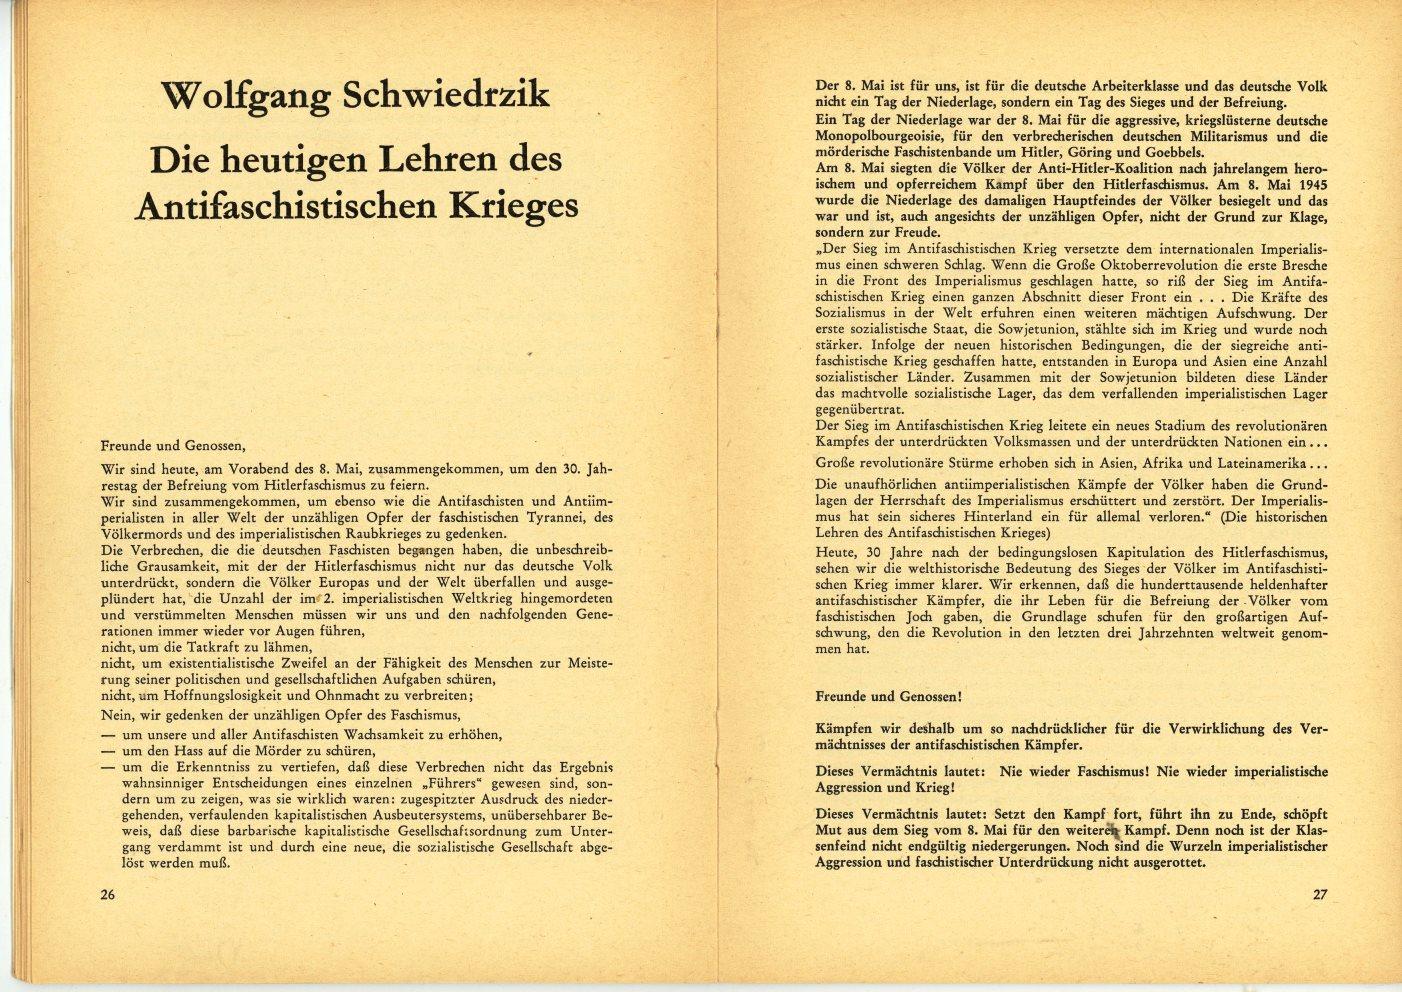 KPDAO_1975_30_Jahrestag_der_Befreiung_vom_Faschismus_15